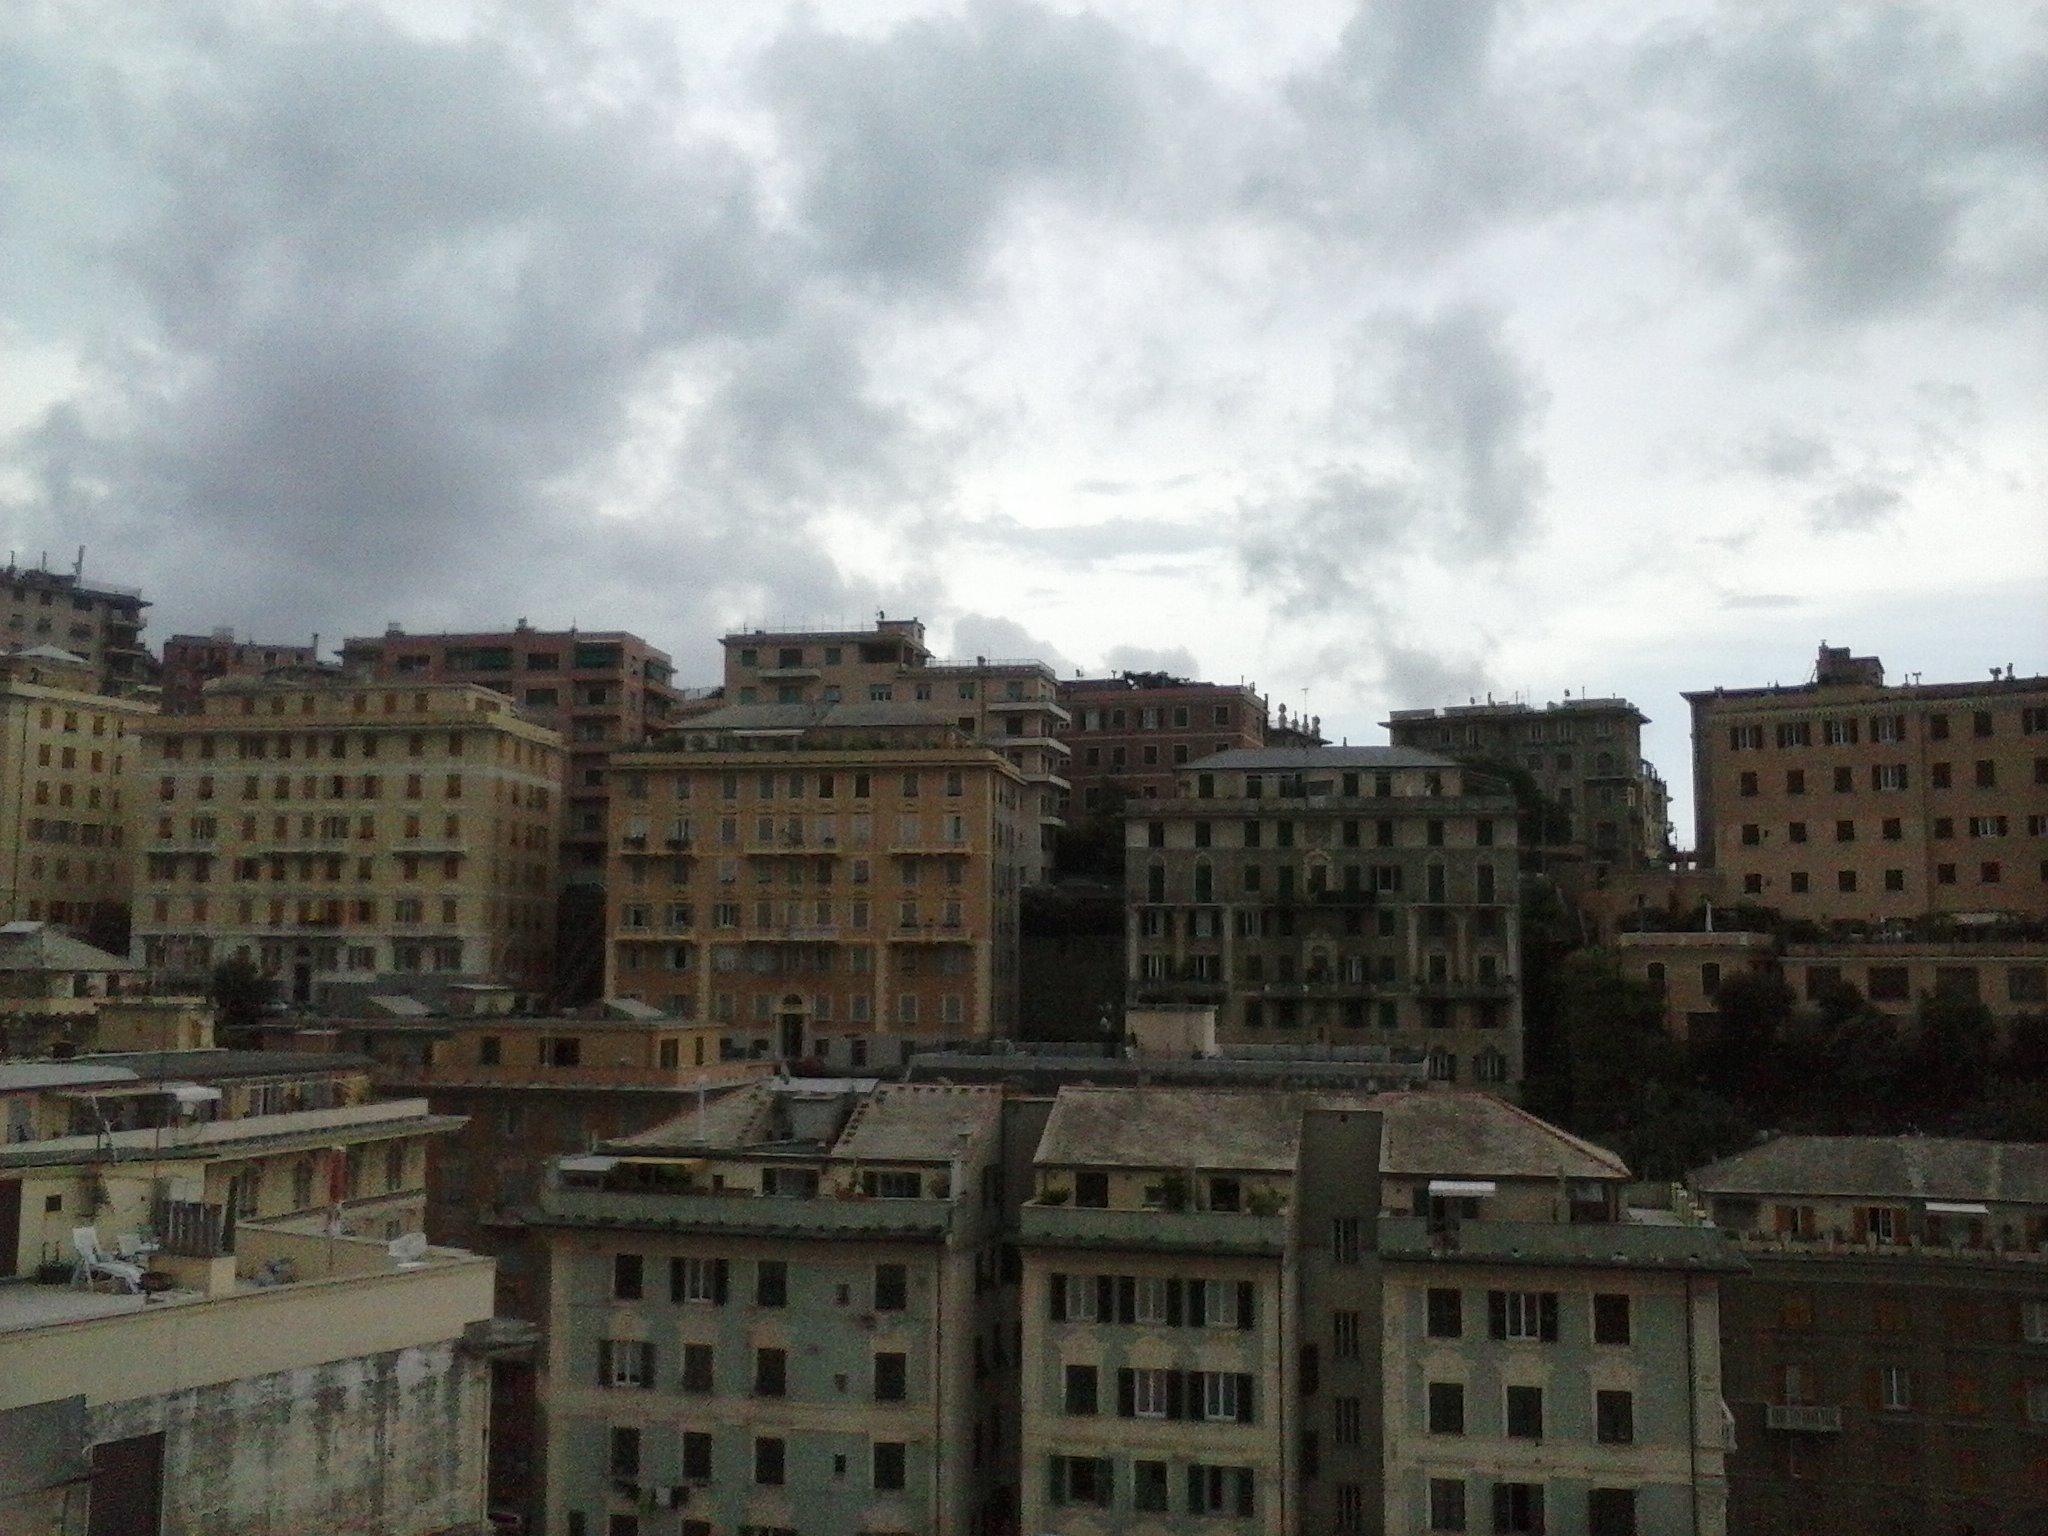 Vista di Castelletto - 23-07-2014 - 04